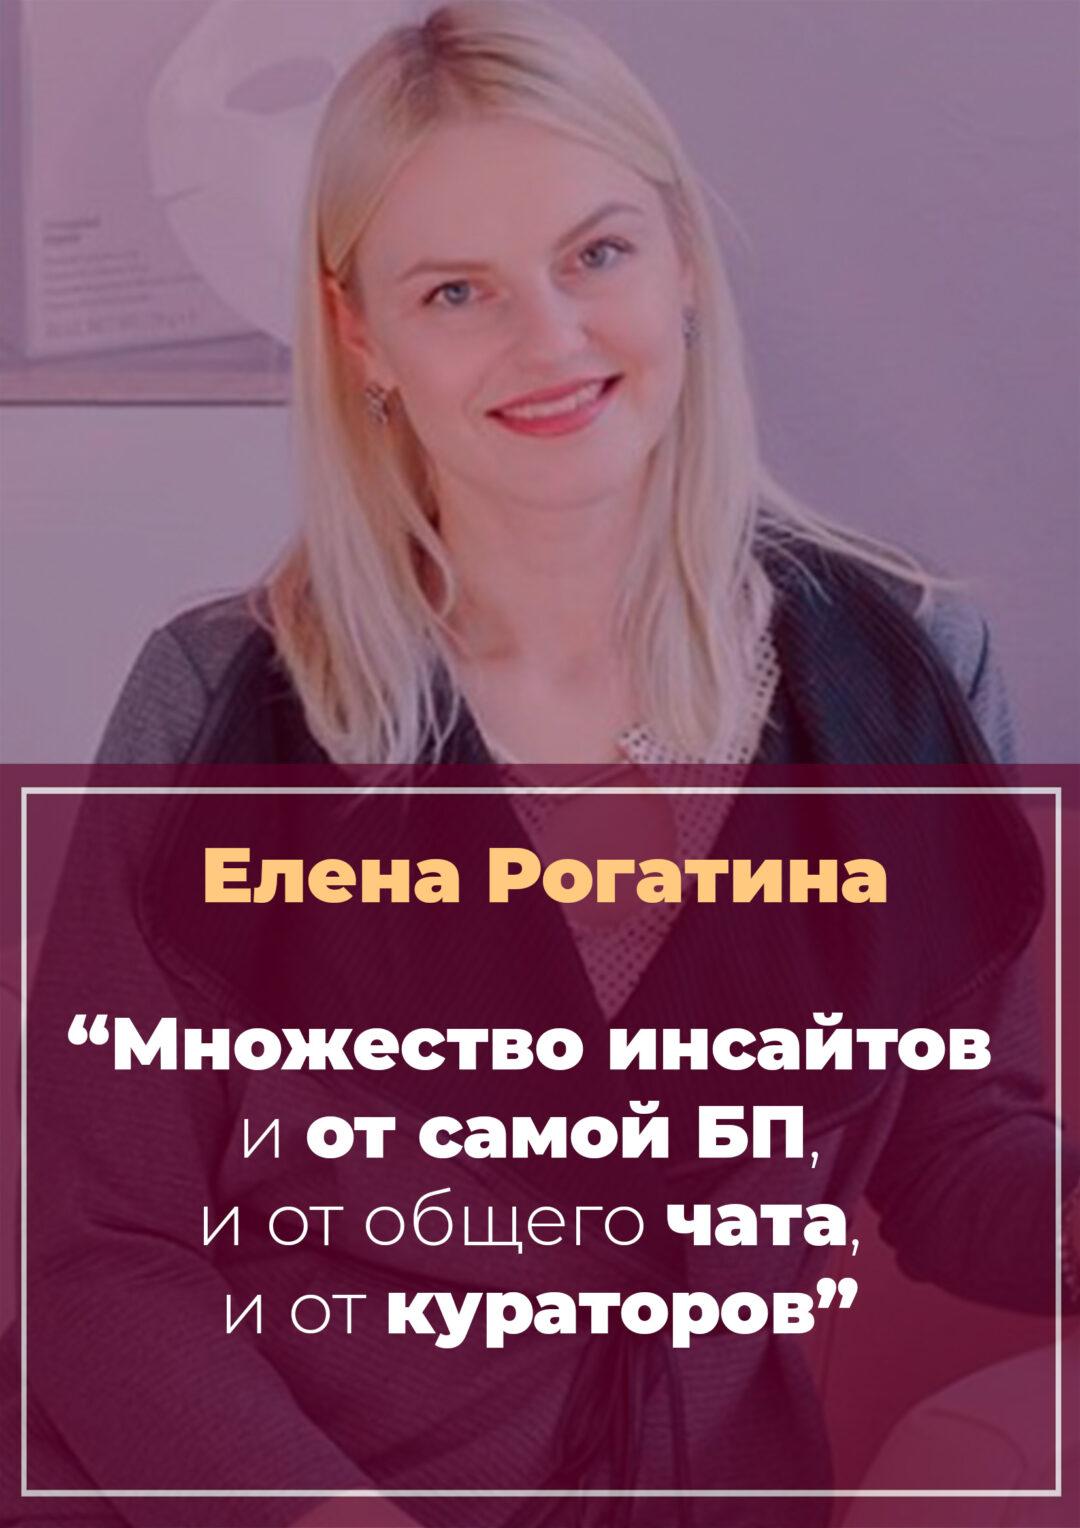 История Елены Рогатиной